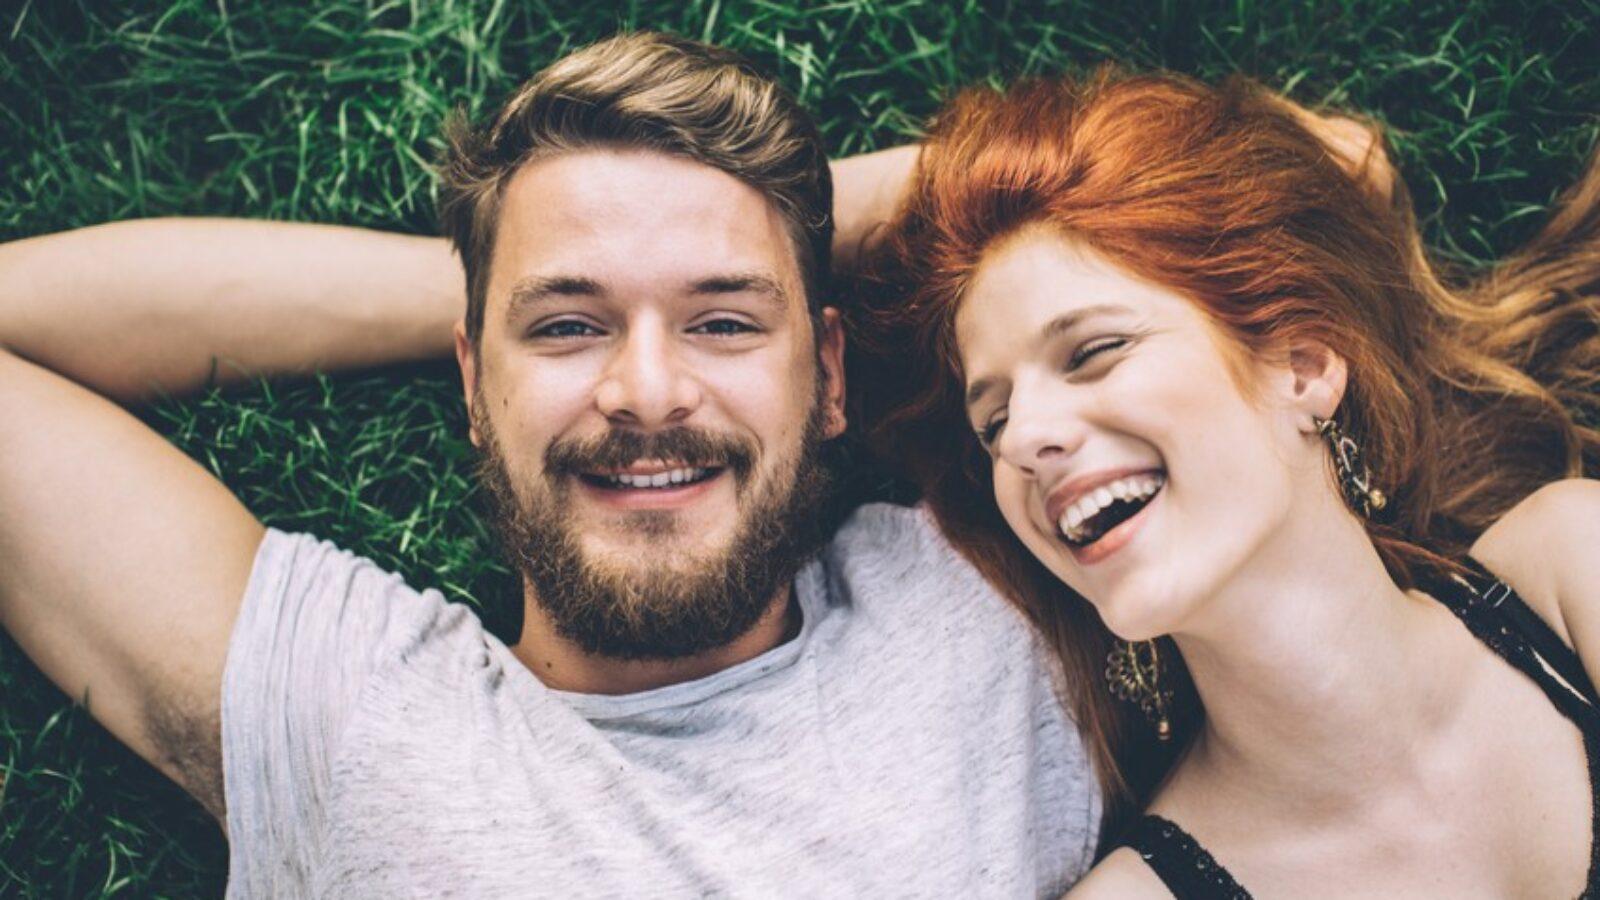 Männer lieben anders: Stimmt das wirklich?